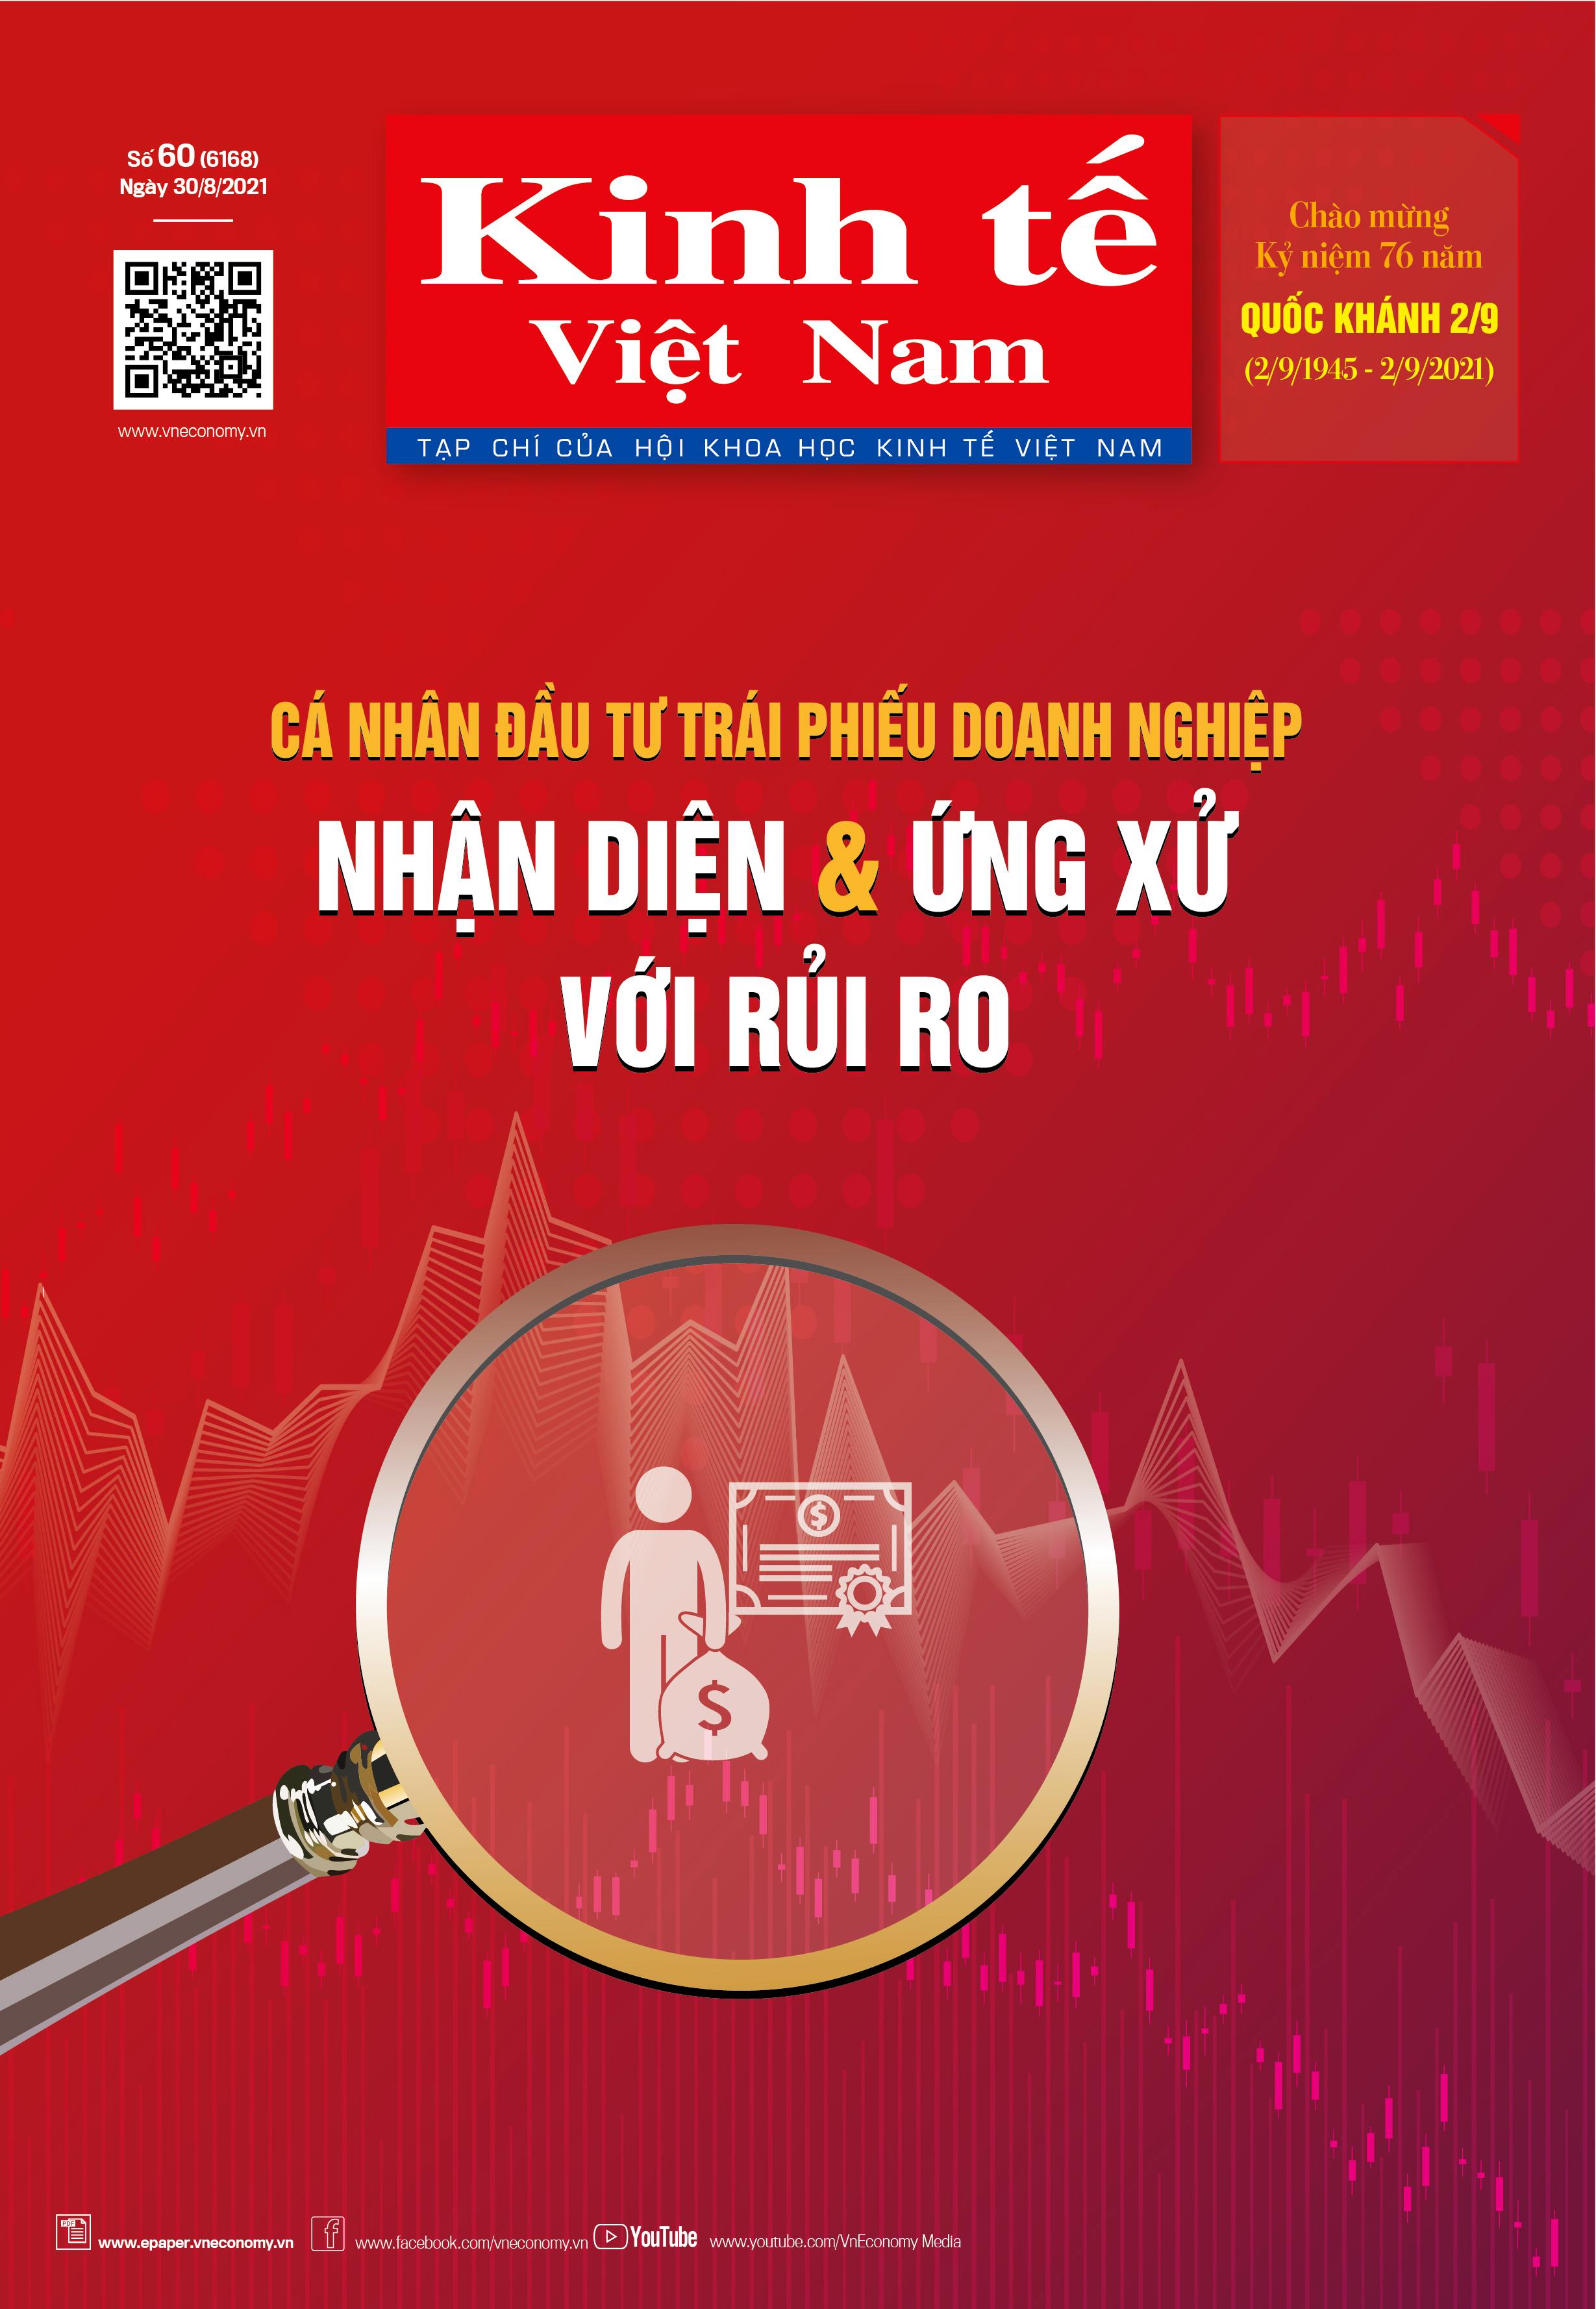 Kinh tế Việt Nam bộ mới số 60-2021